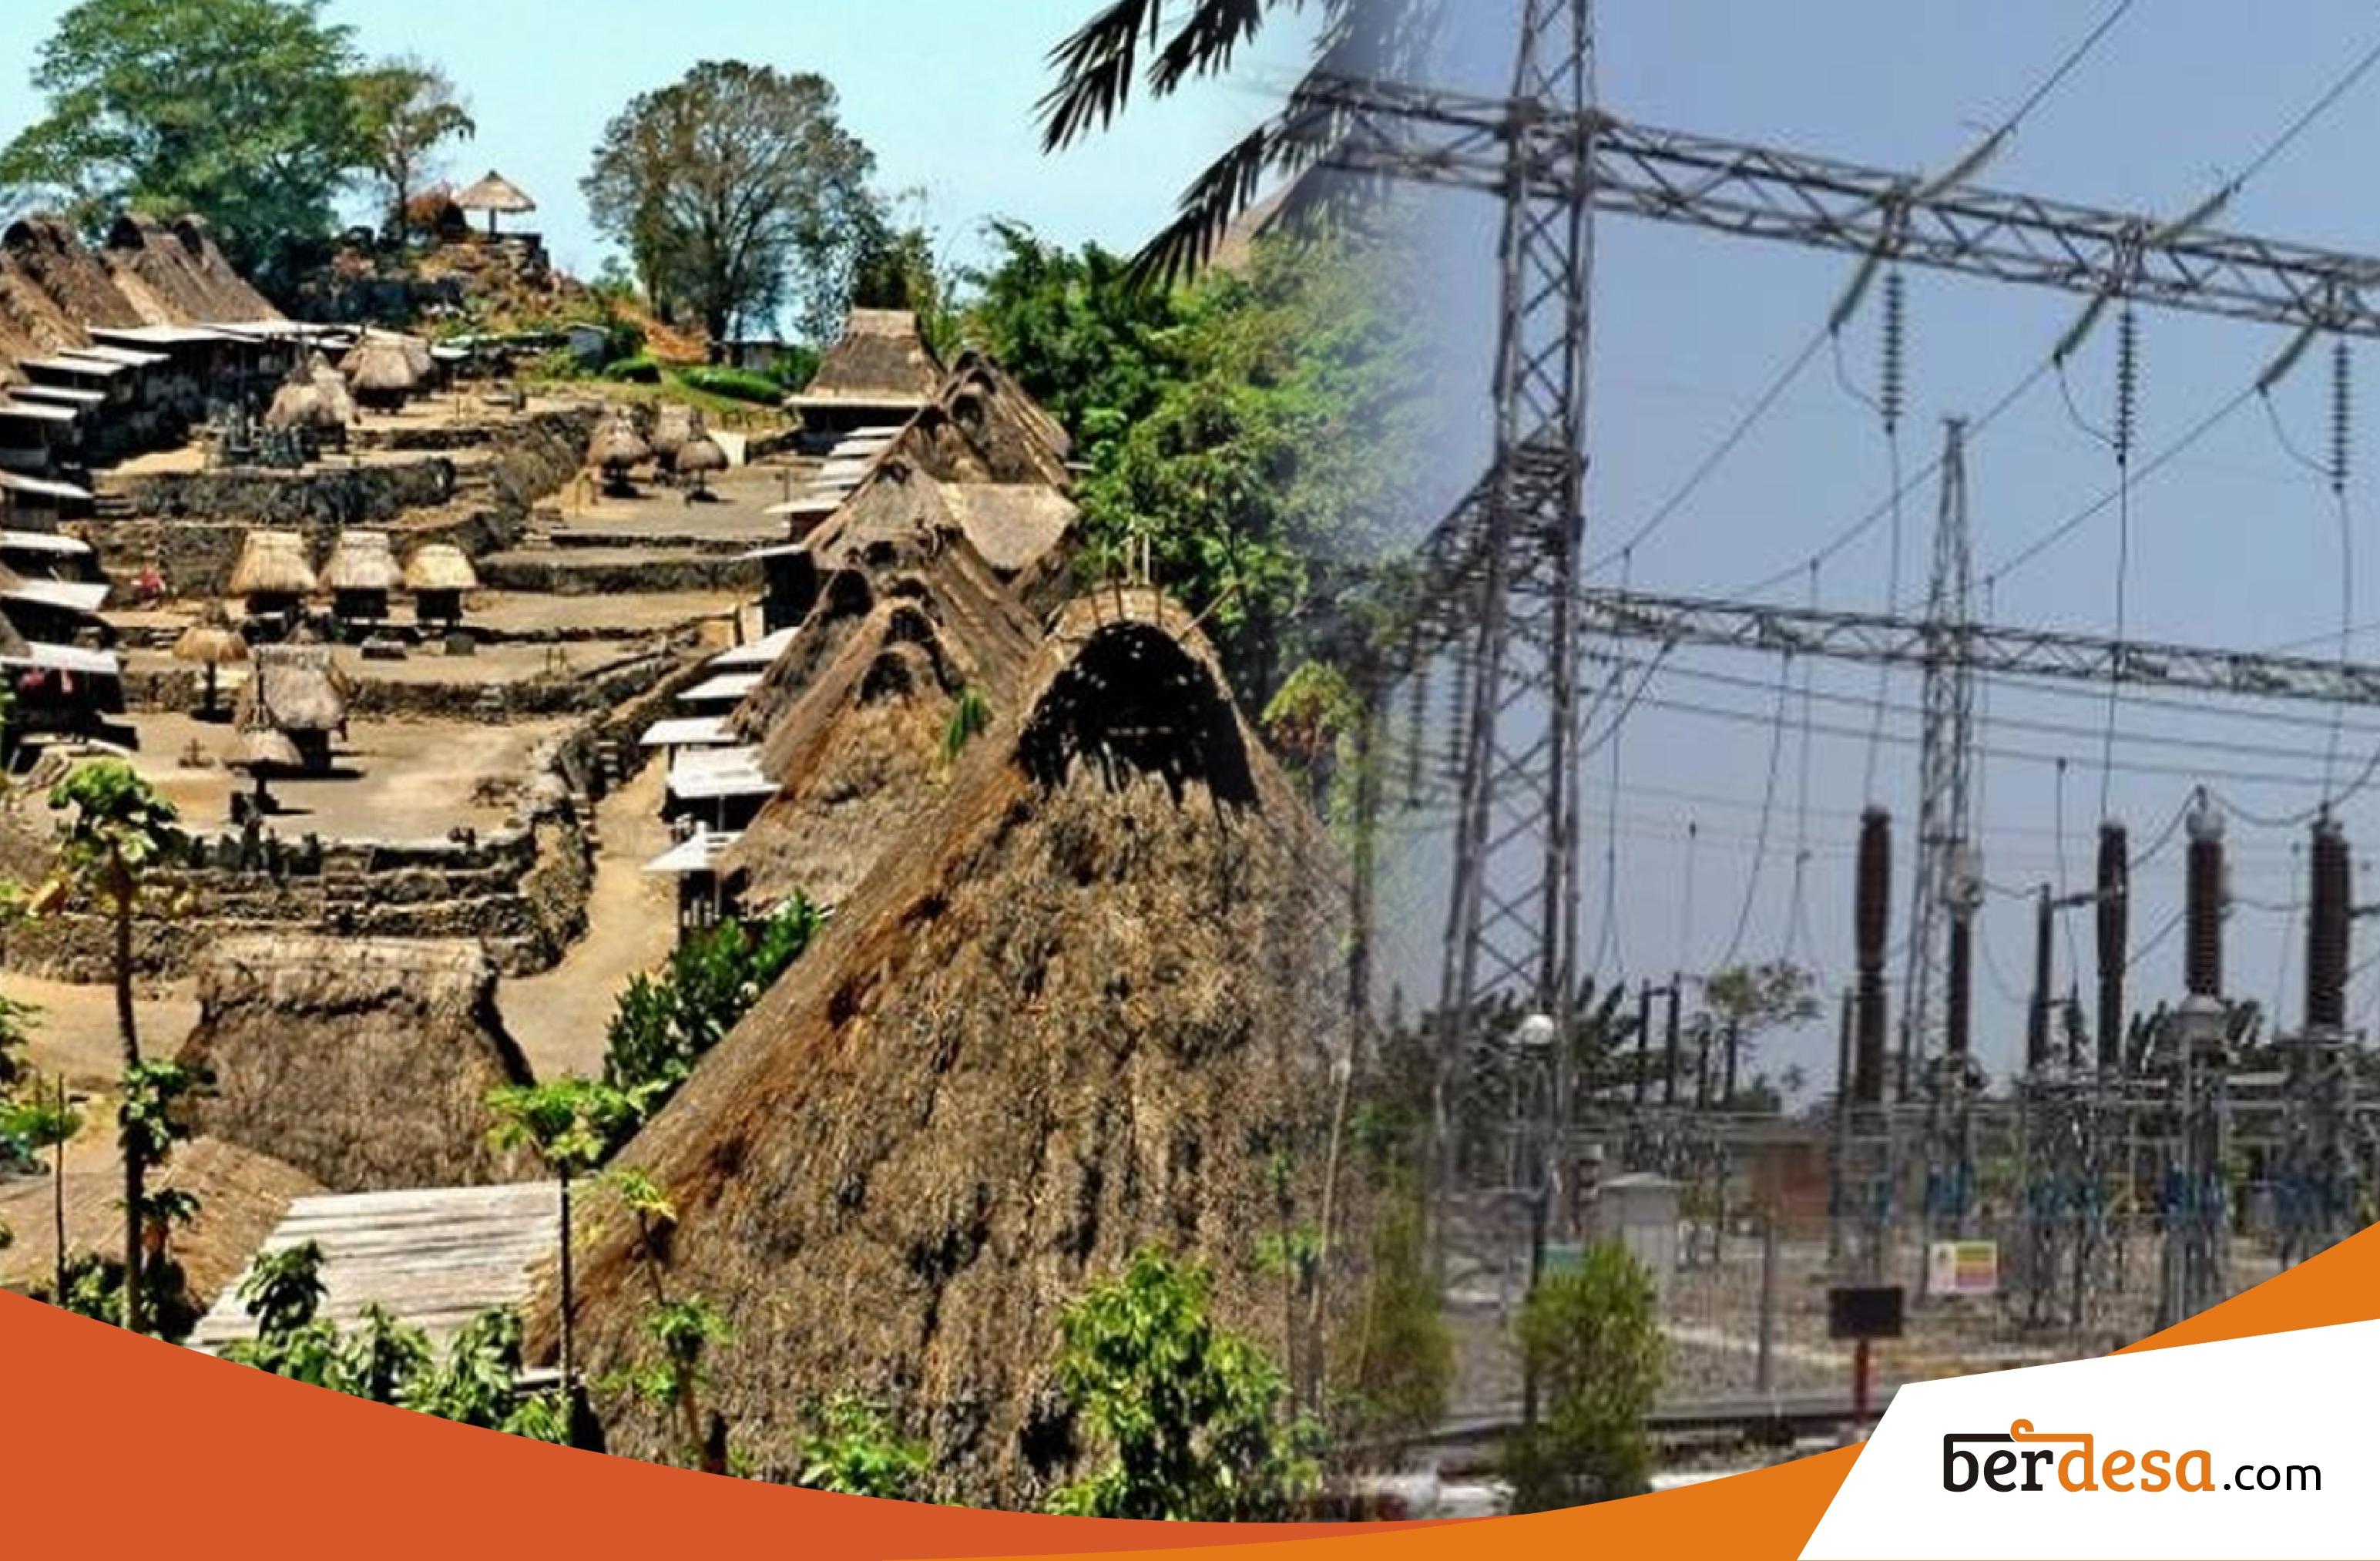 Desa-desa di Nusa Tenggara Timur Sudah Dialiri Listrik 100 Persen – Berdesa